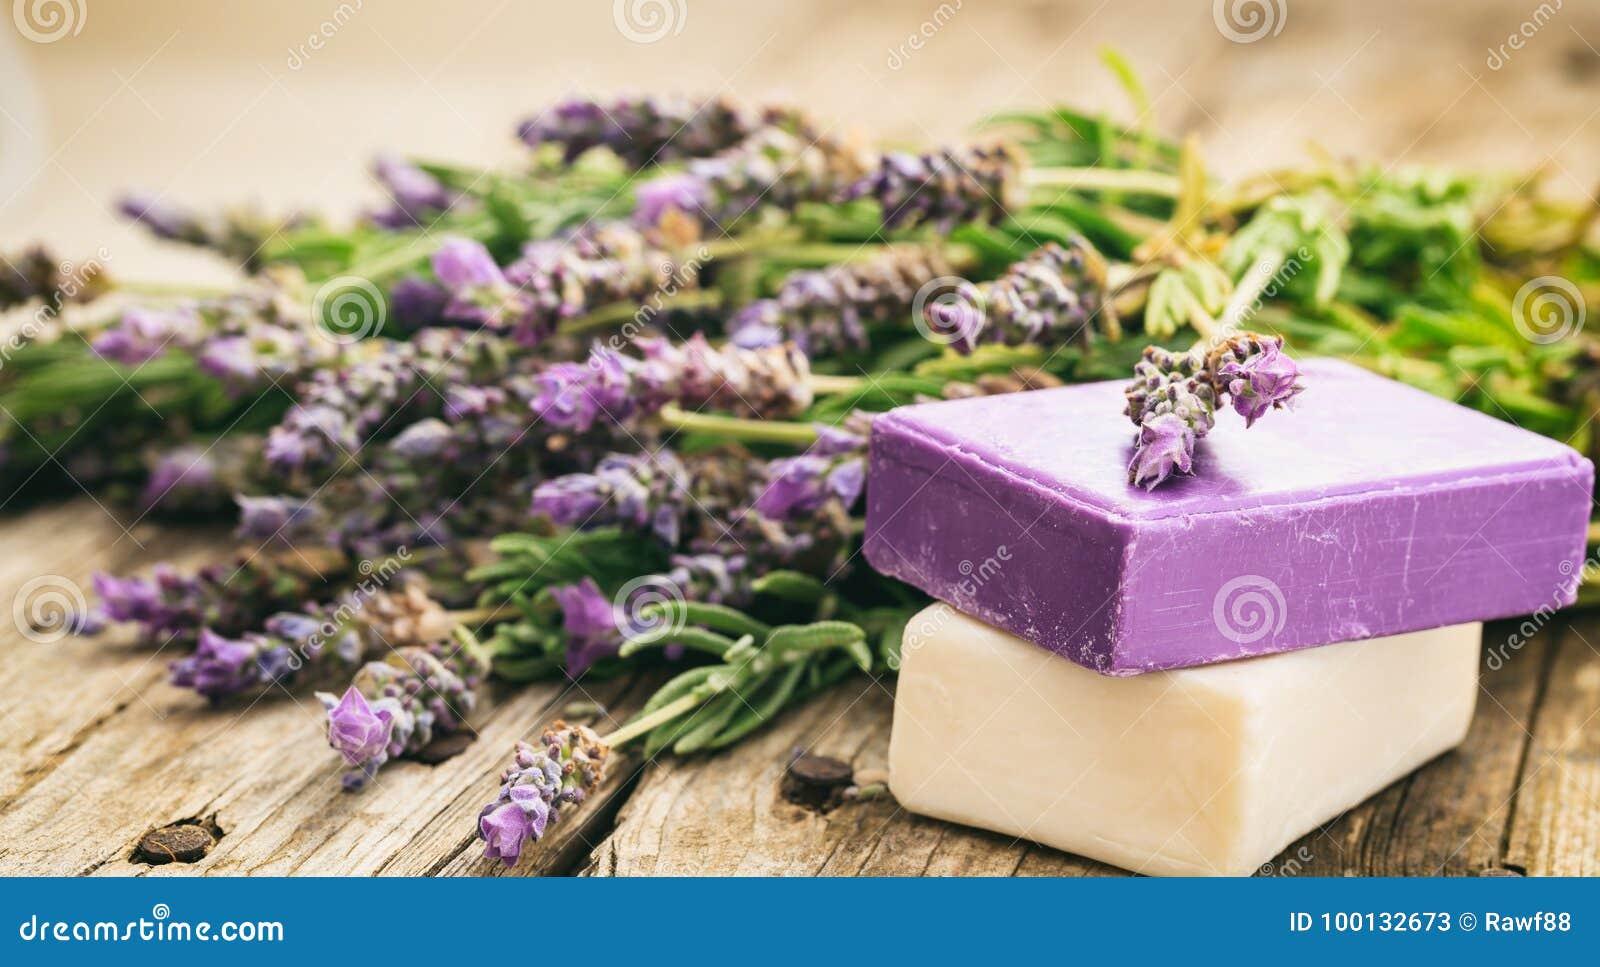 新鲜的淡紫色和淡紫色肥皂